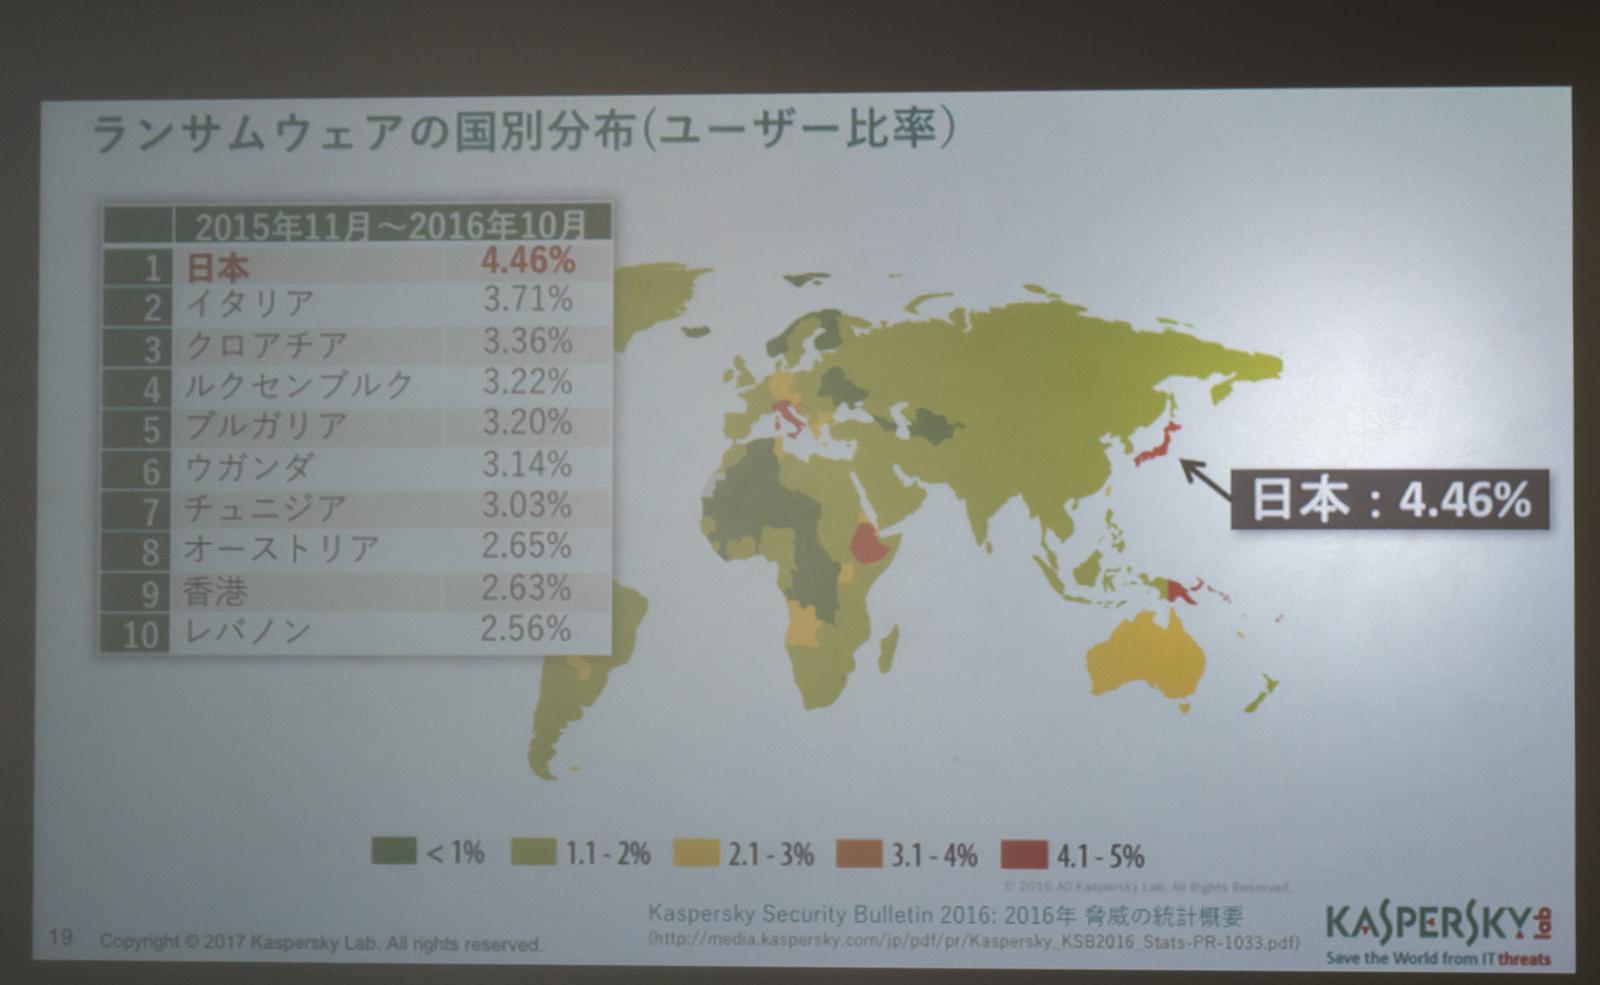 ランサムウェアが検出される国は、日本が最も多い